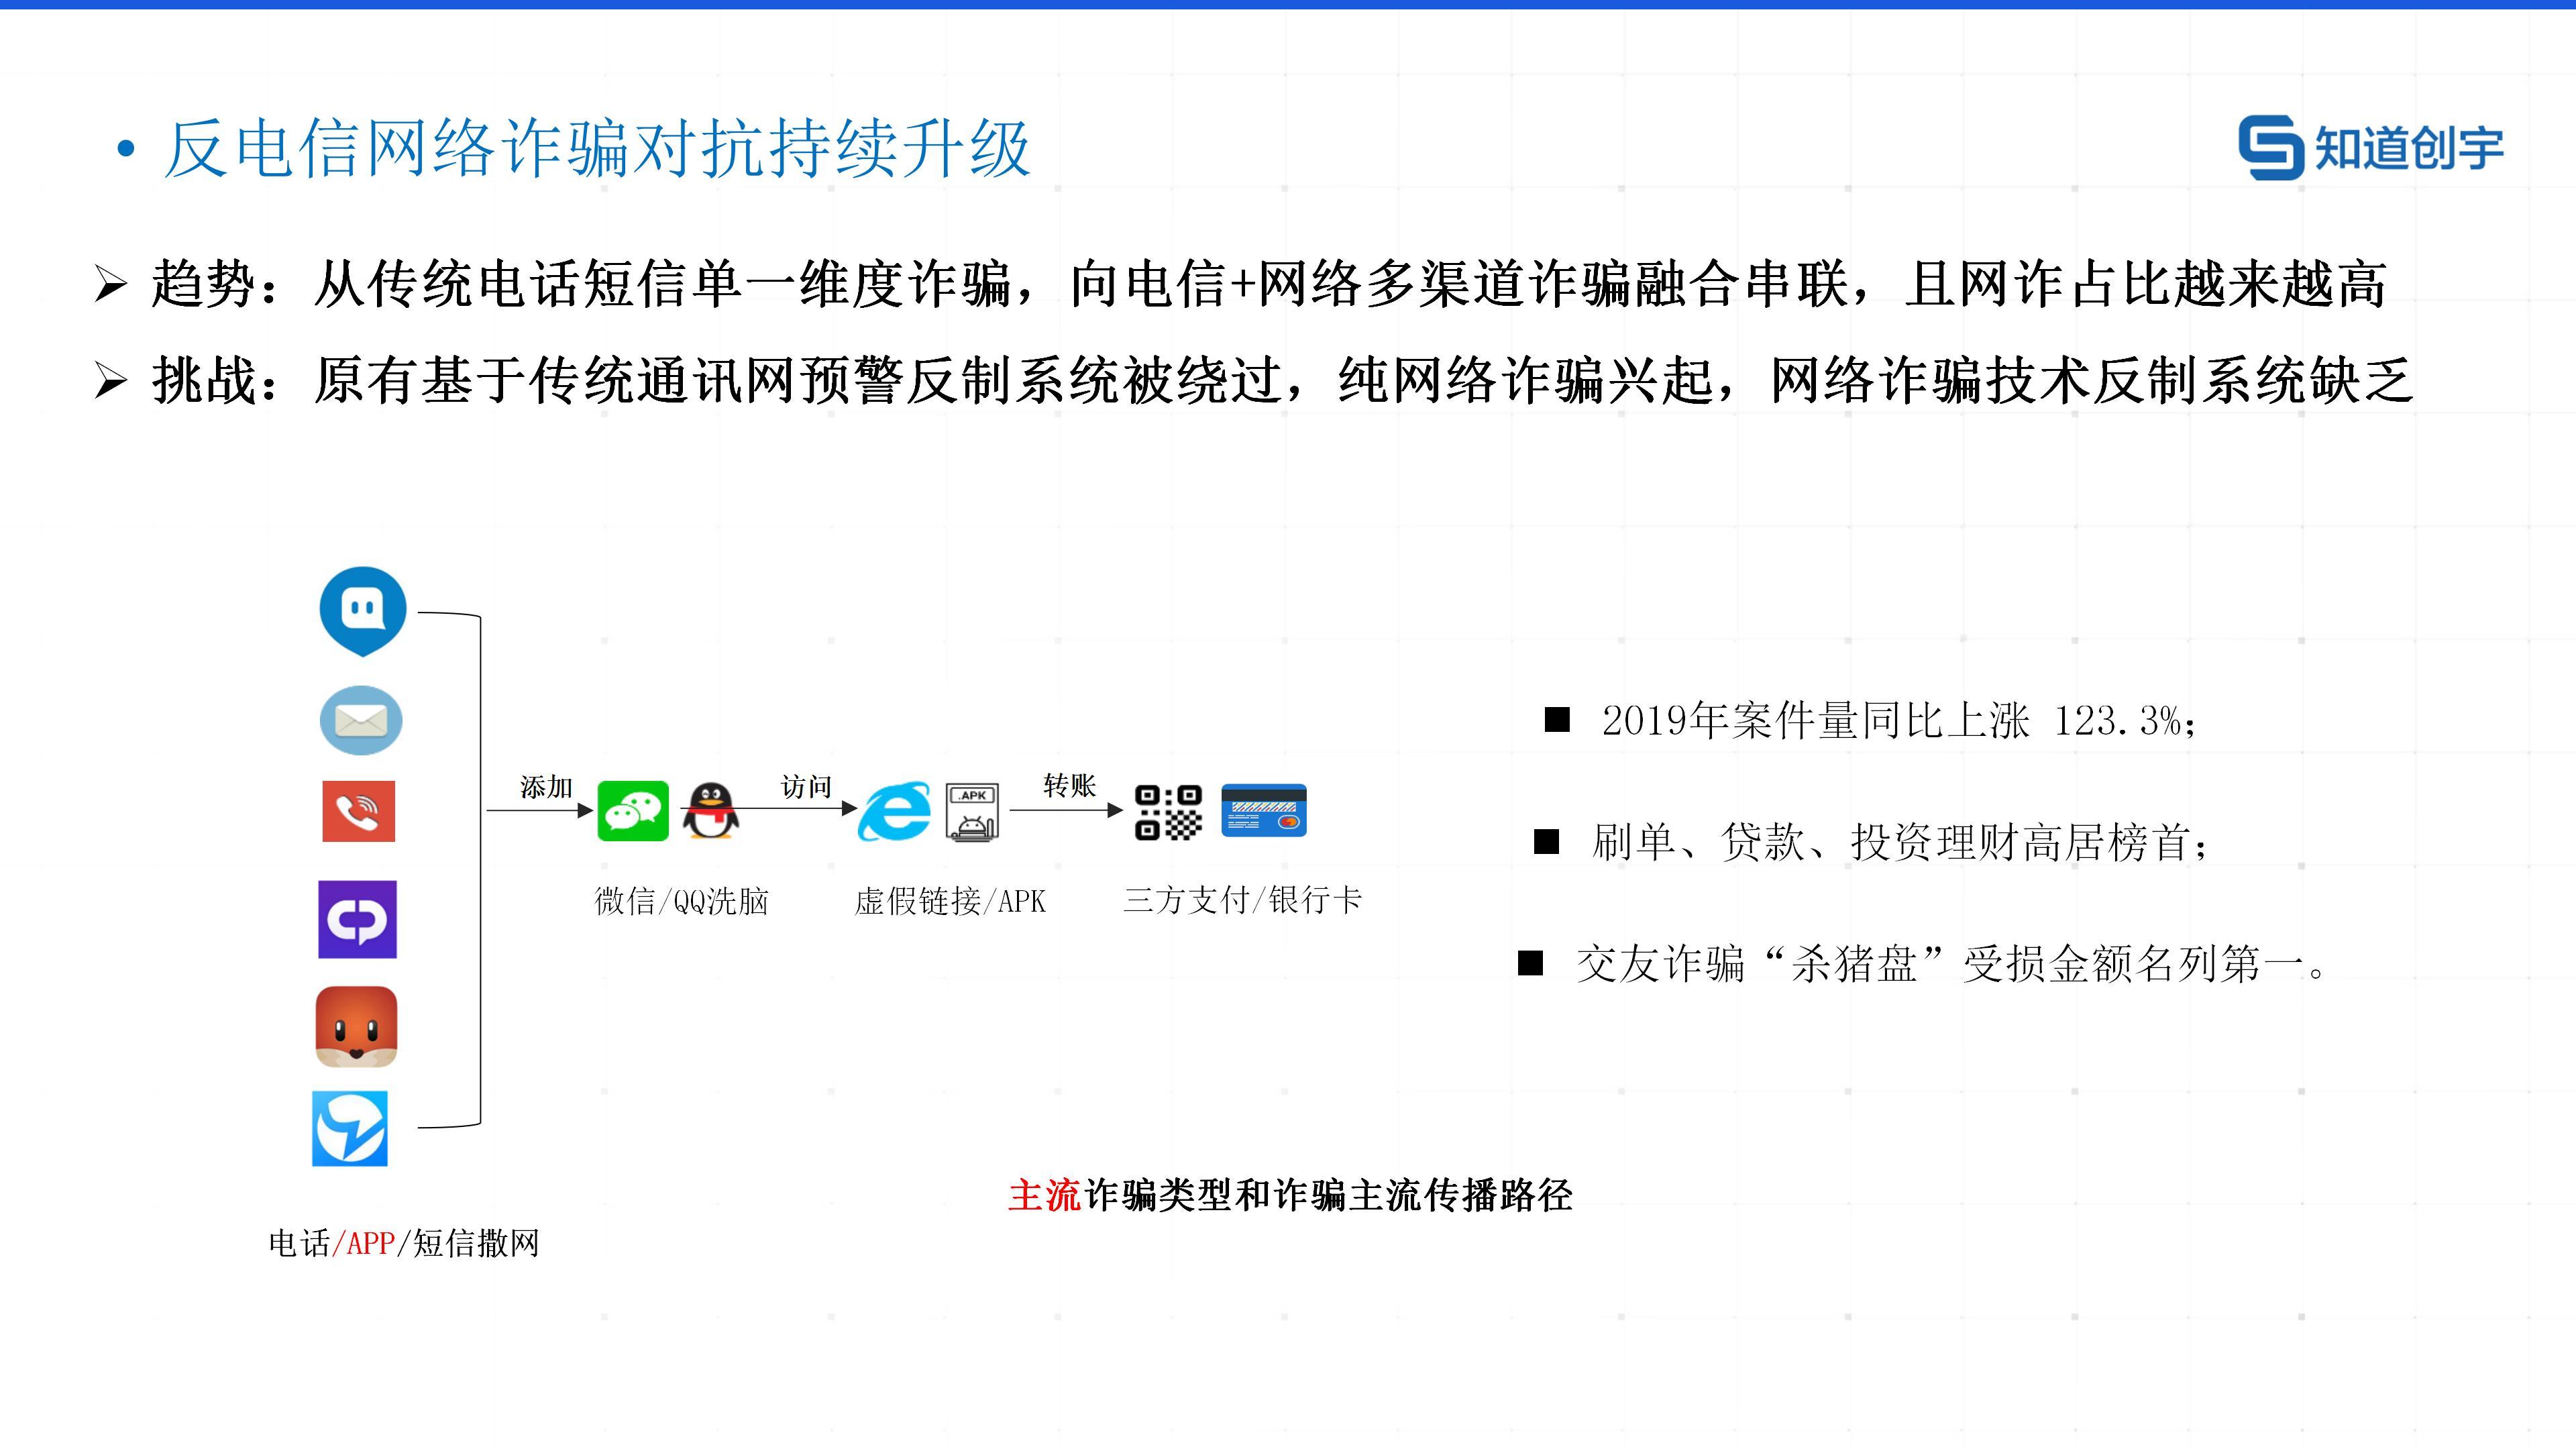 01.知道创宇反诈大脑预警SAAS平台产品白皮书_20210224_03.jpg